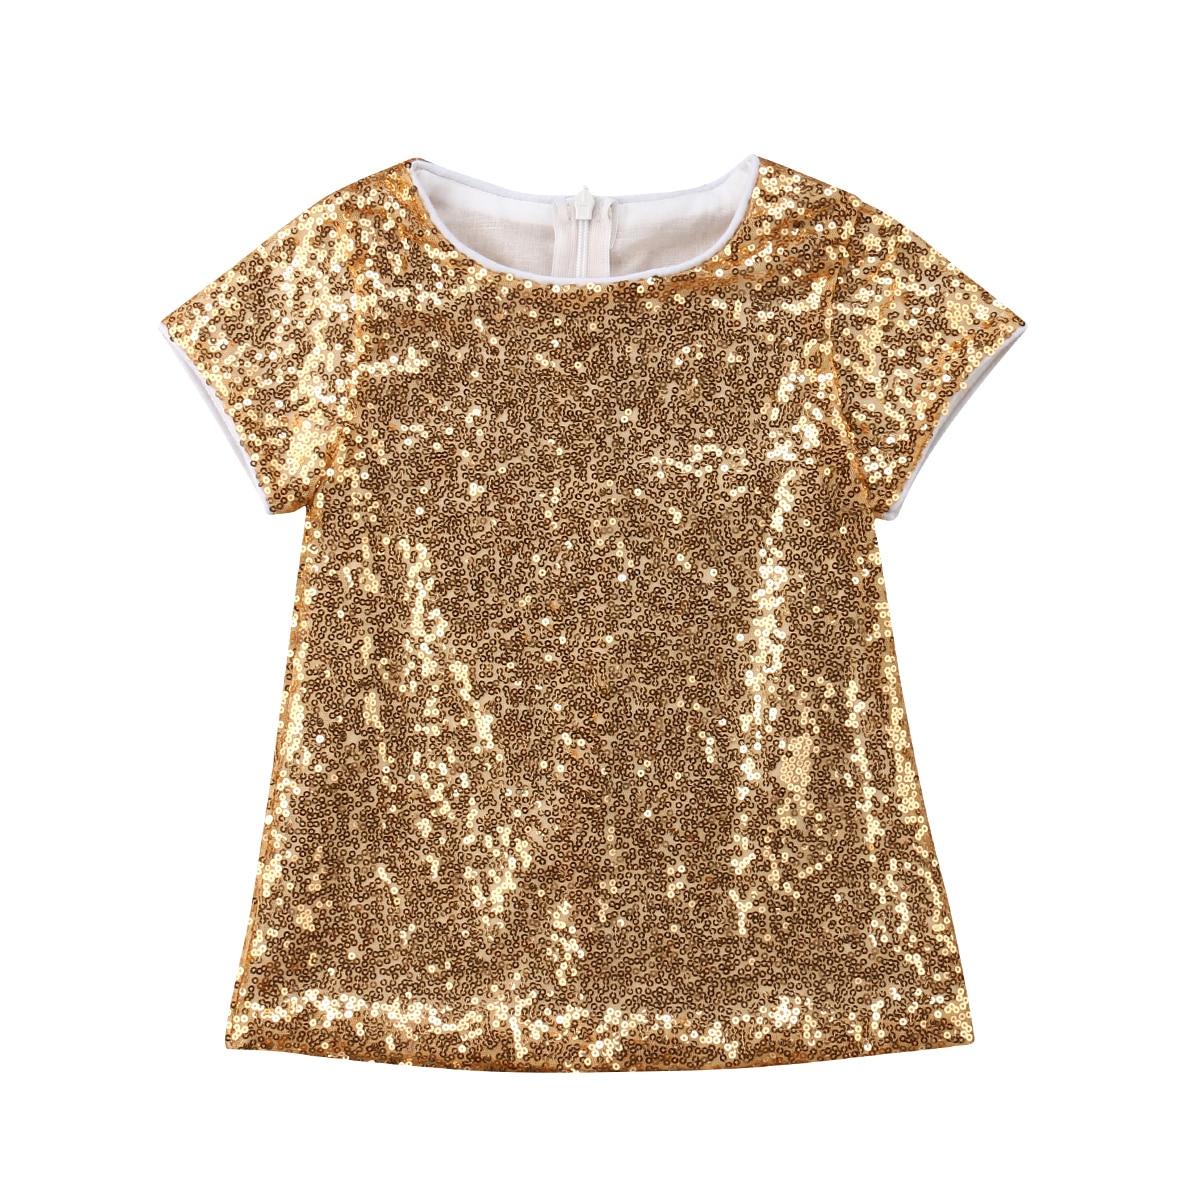 Pudcoco Toddler Kids Baby Girl Princess Sequins Short Sleeve O-Neck Formal Dresss 6M-5Y